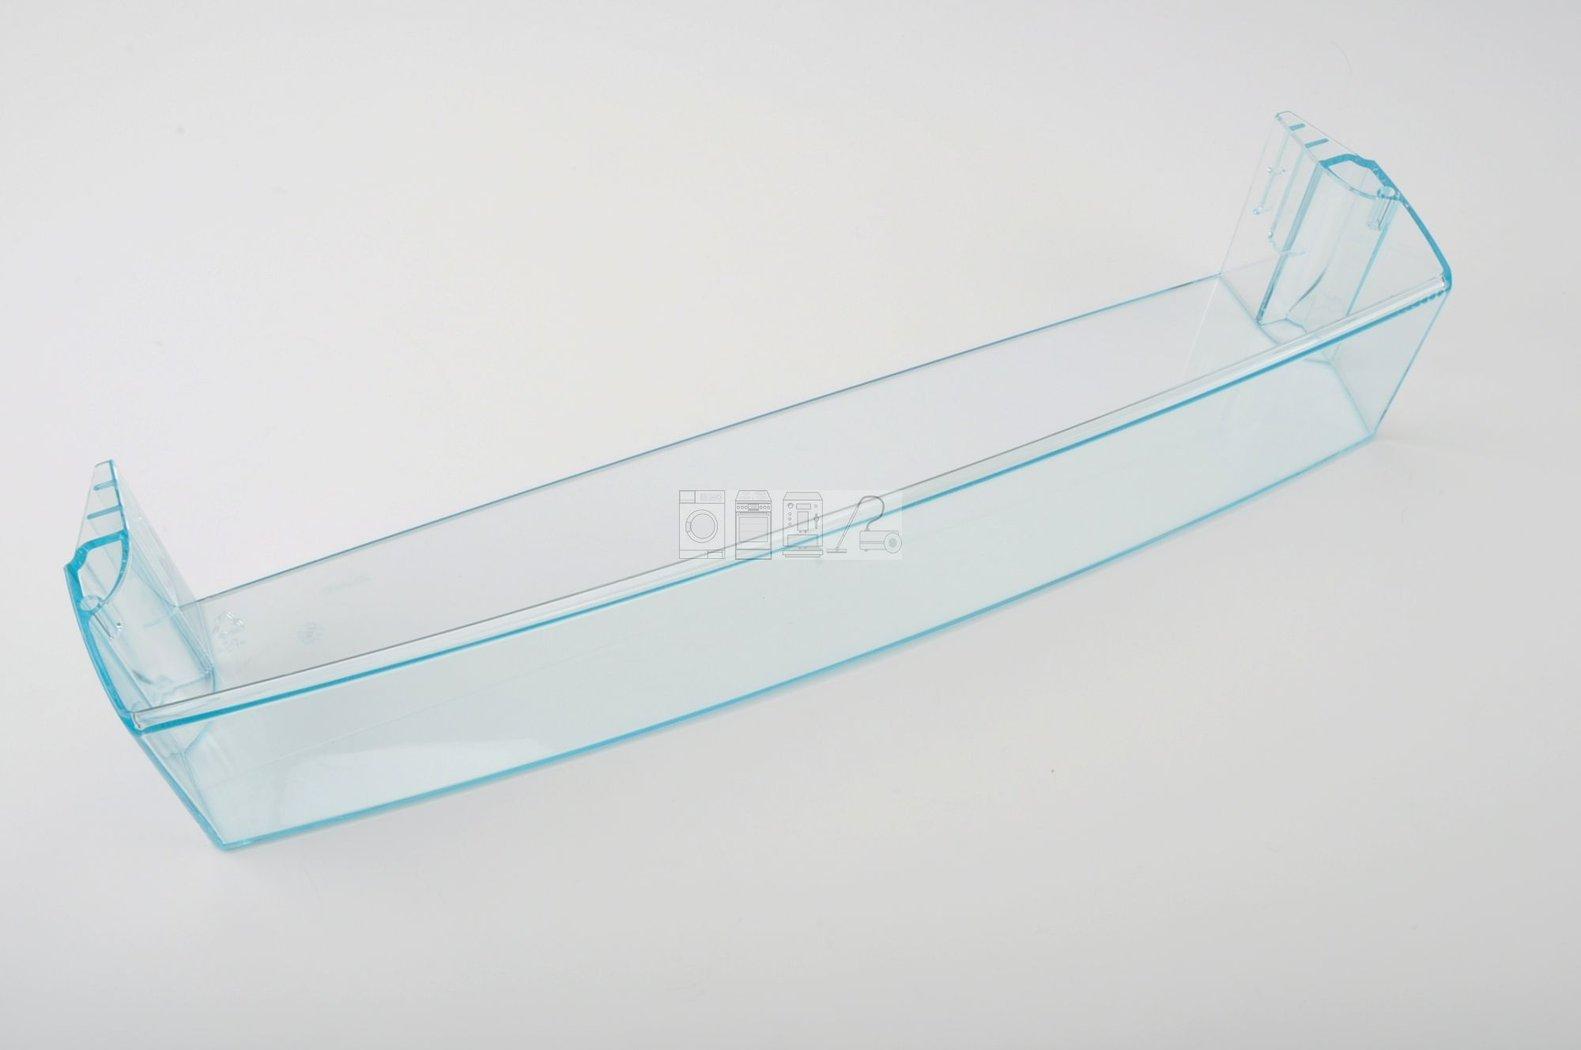 Kühlschrank Flaschenablage : Privileg kühlschrank flaschenfach türfach 485mm breit 2246613158